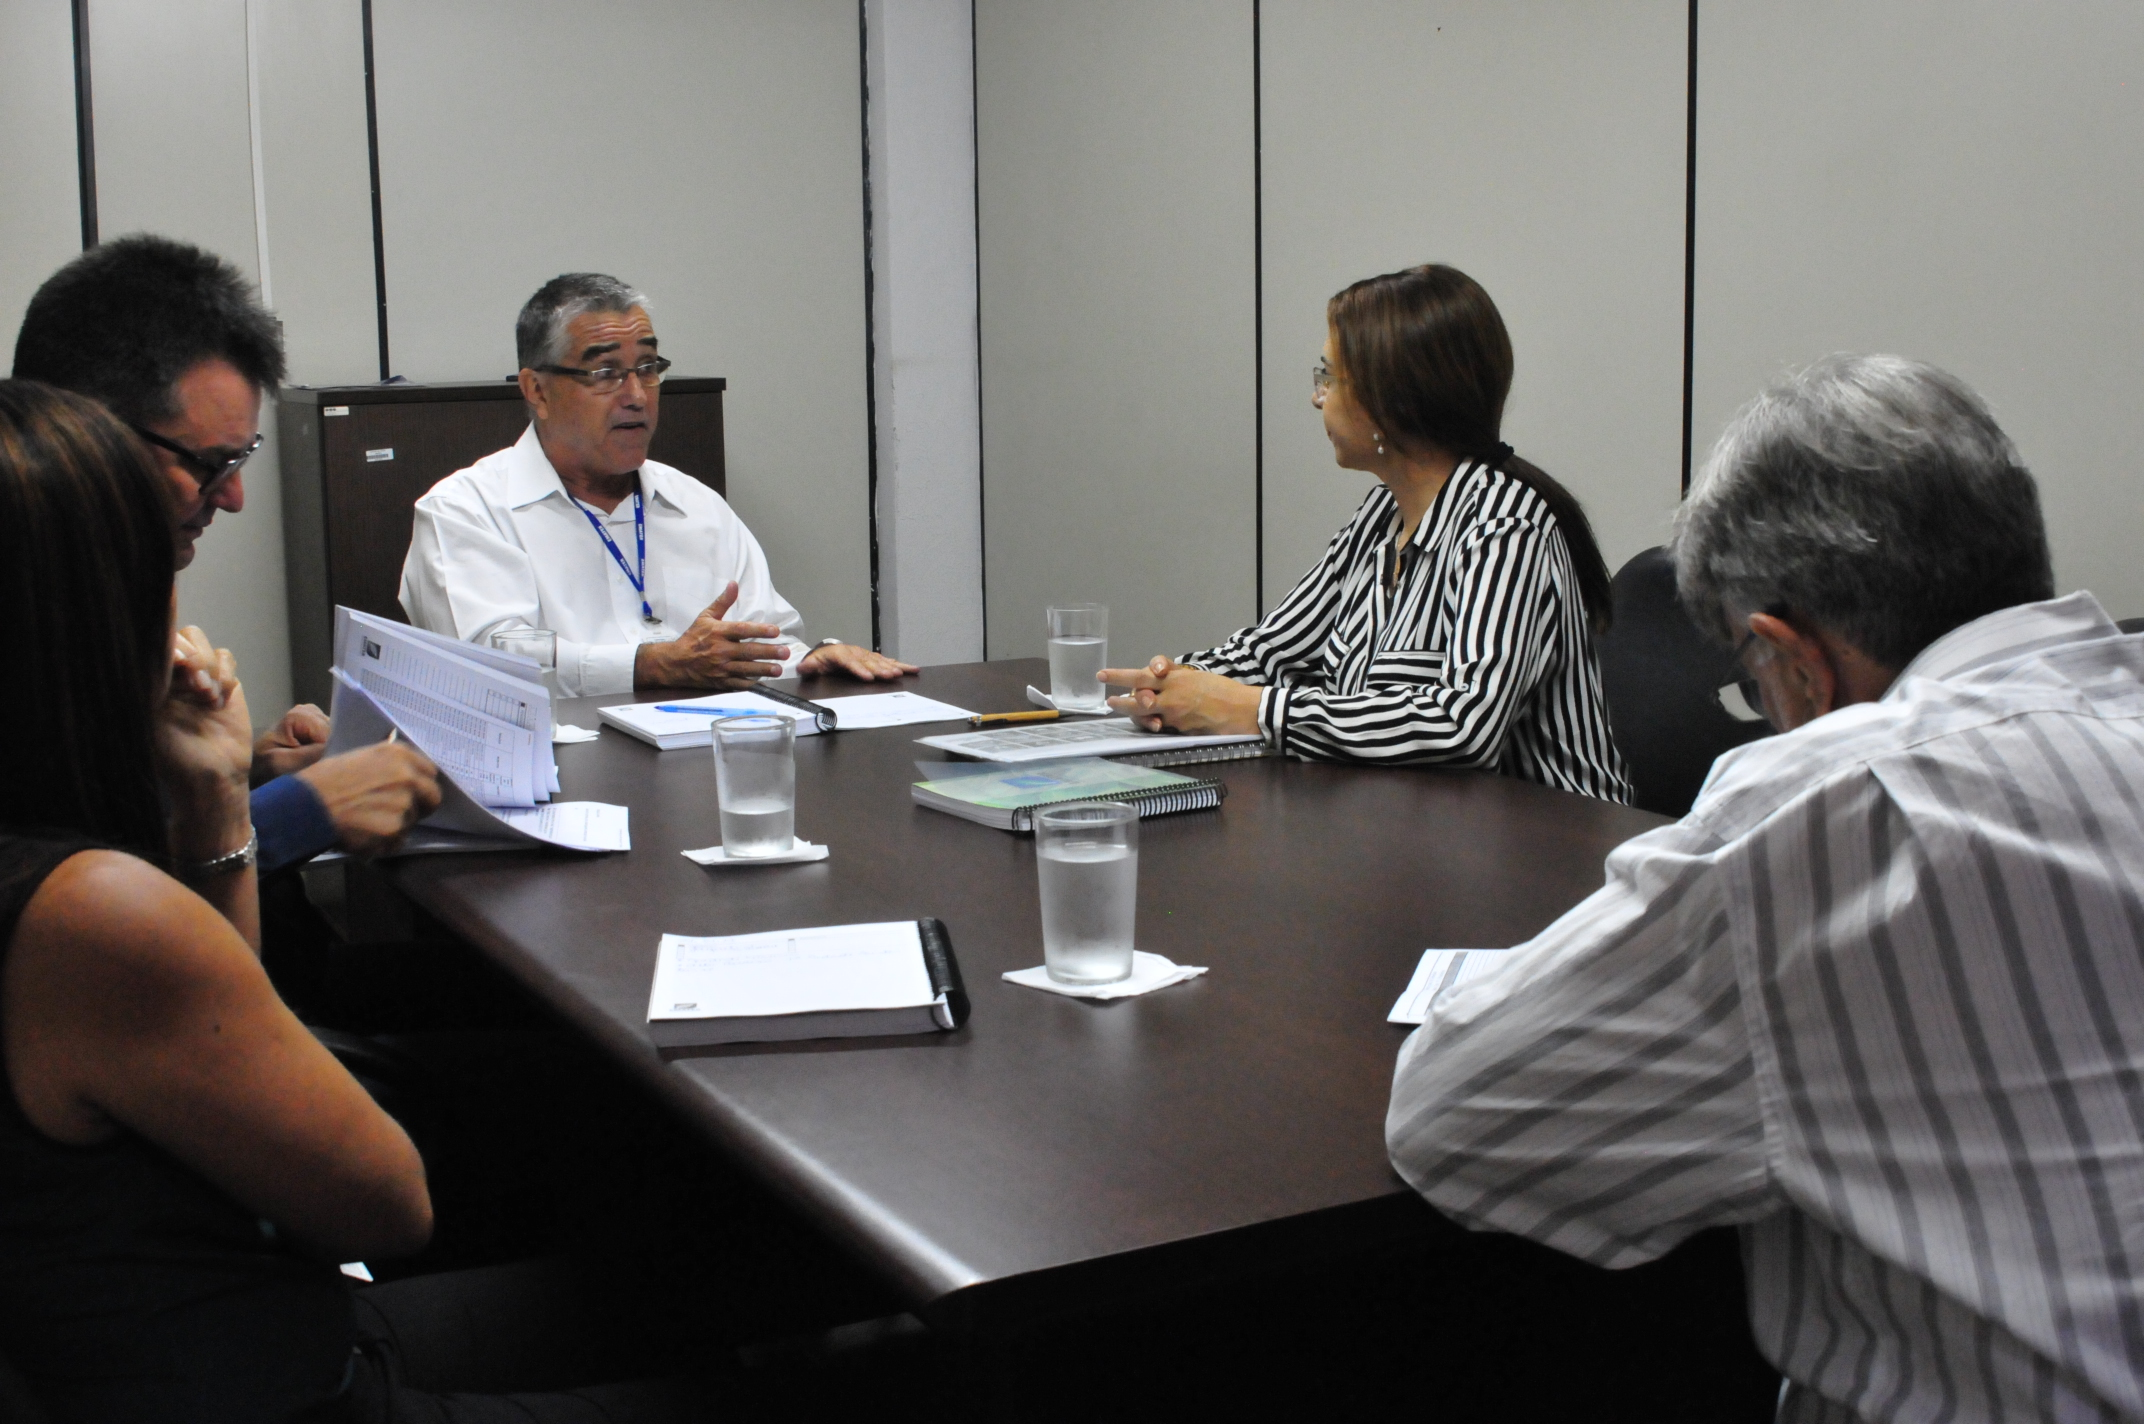 Entidades discutem metas para tornar Alto Paraíso o primeiro município sustentável do País